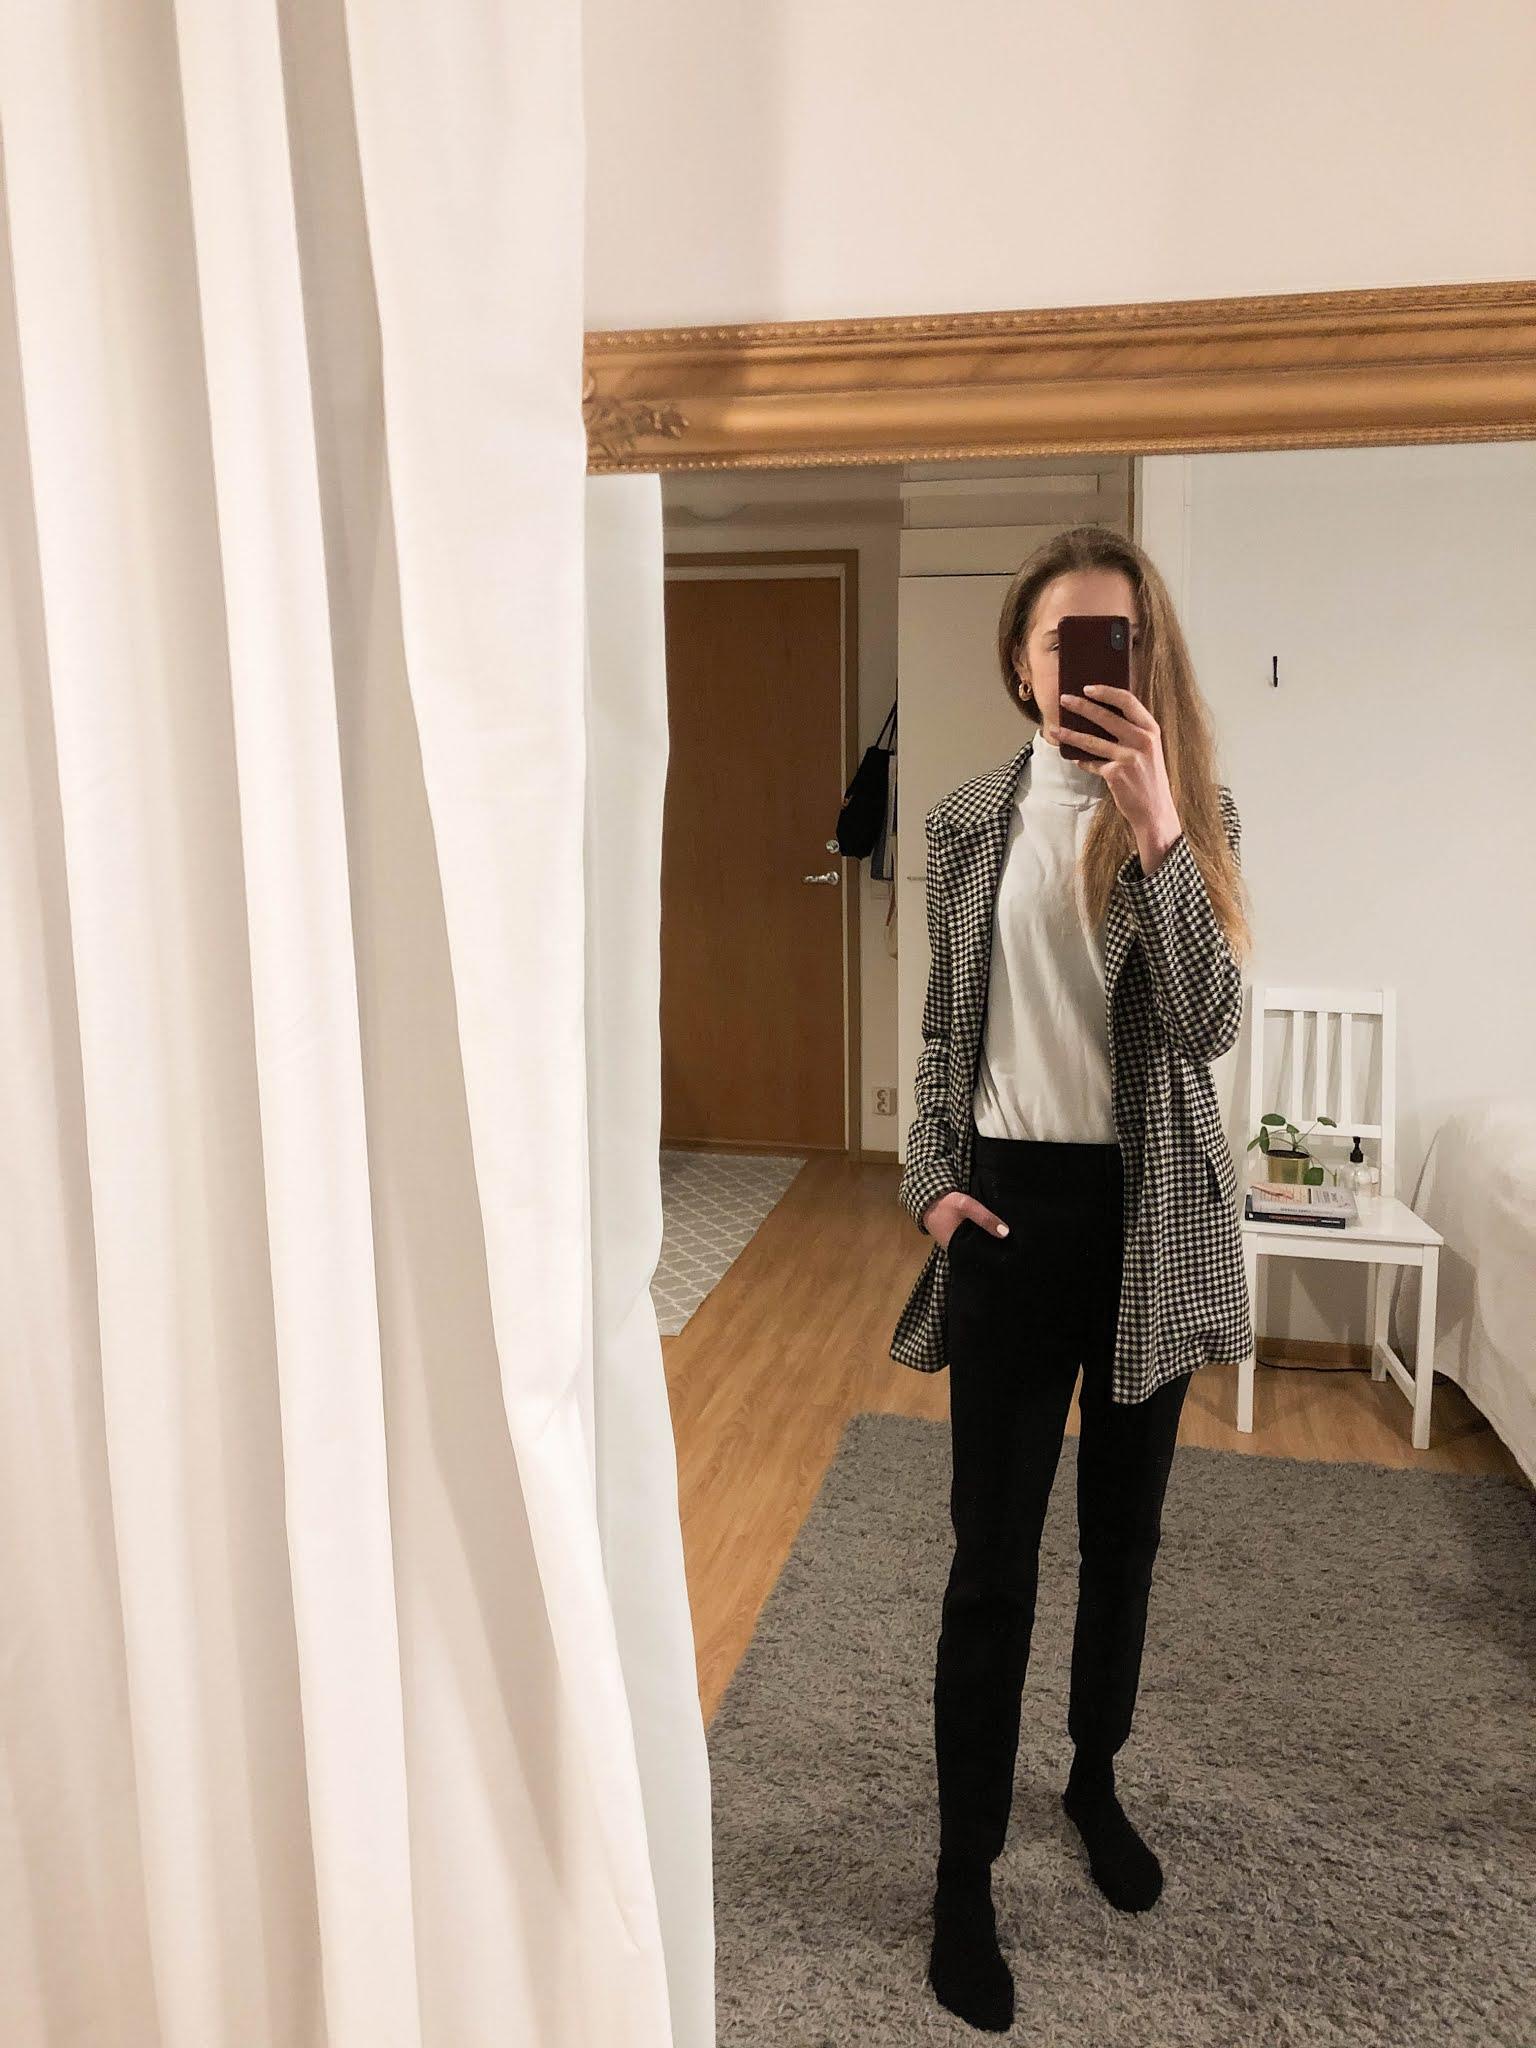 Asuinspiraatio, muotibloggaaja, Helsinki // Outfit inspiration, fashion blogger, Finland